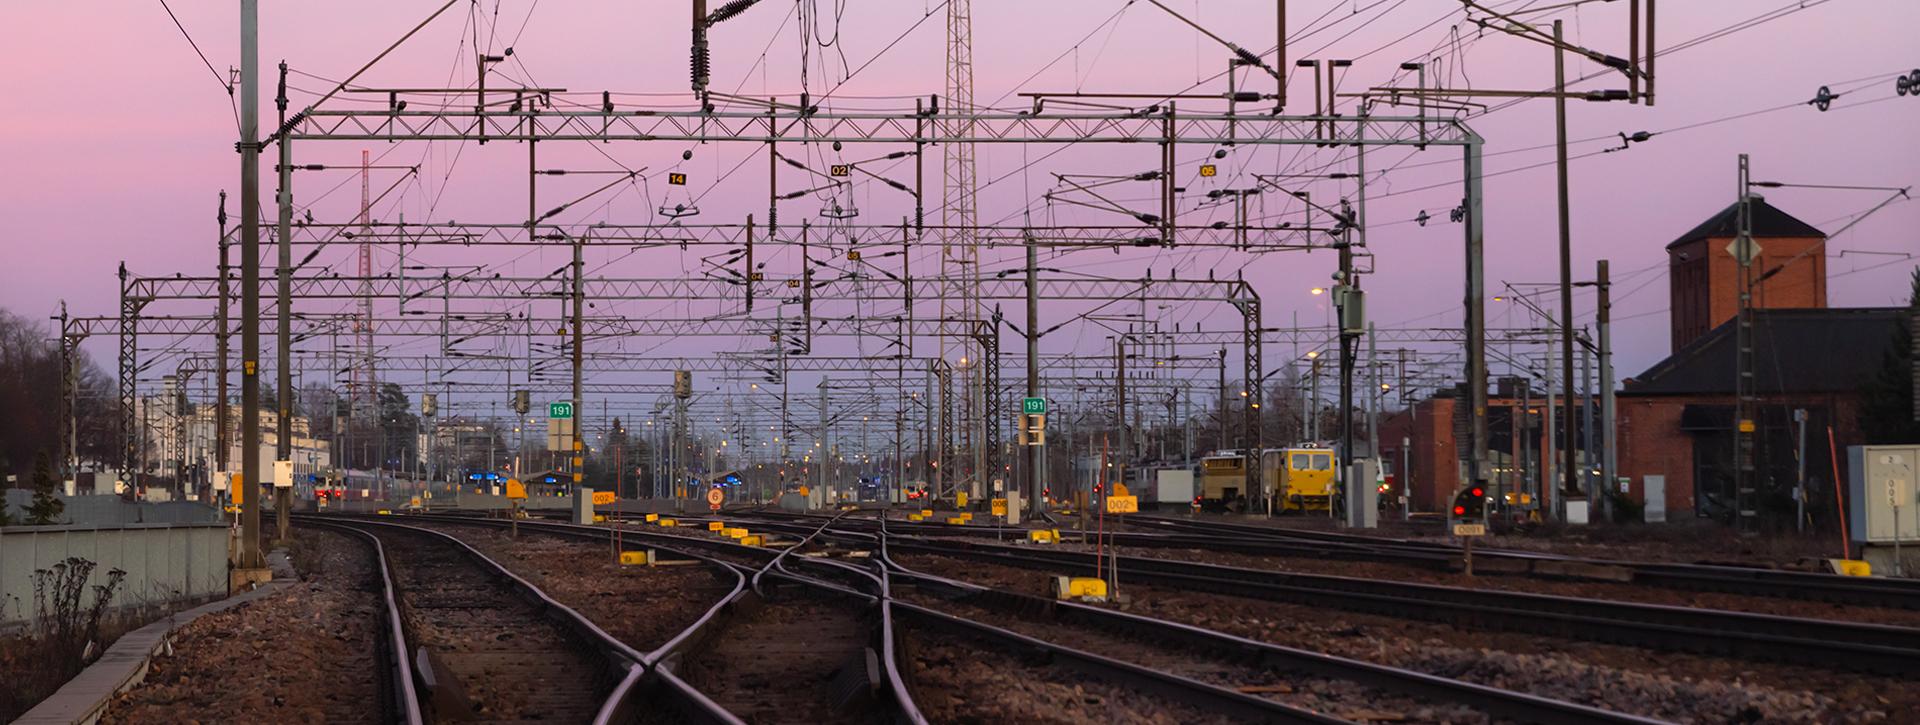 Kouvolan rautatieaseman raiteita ja ratatekniikkaa